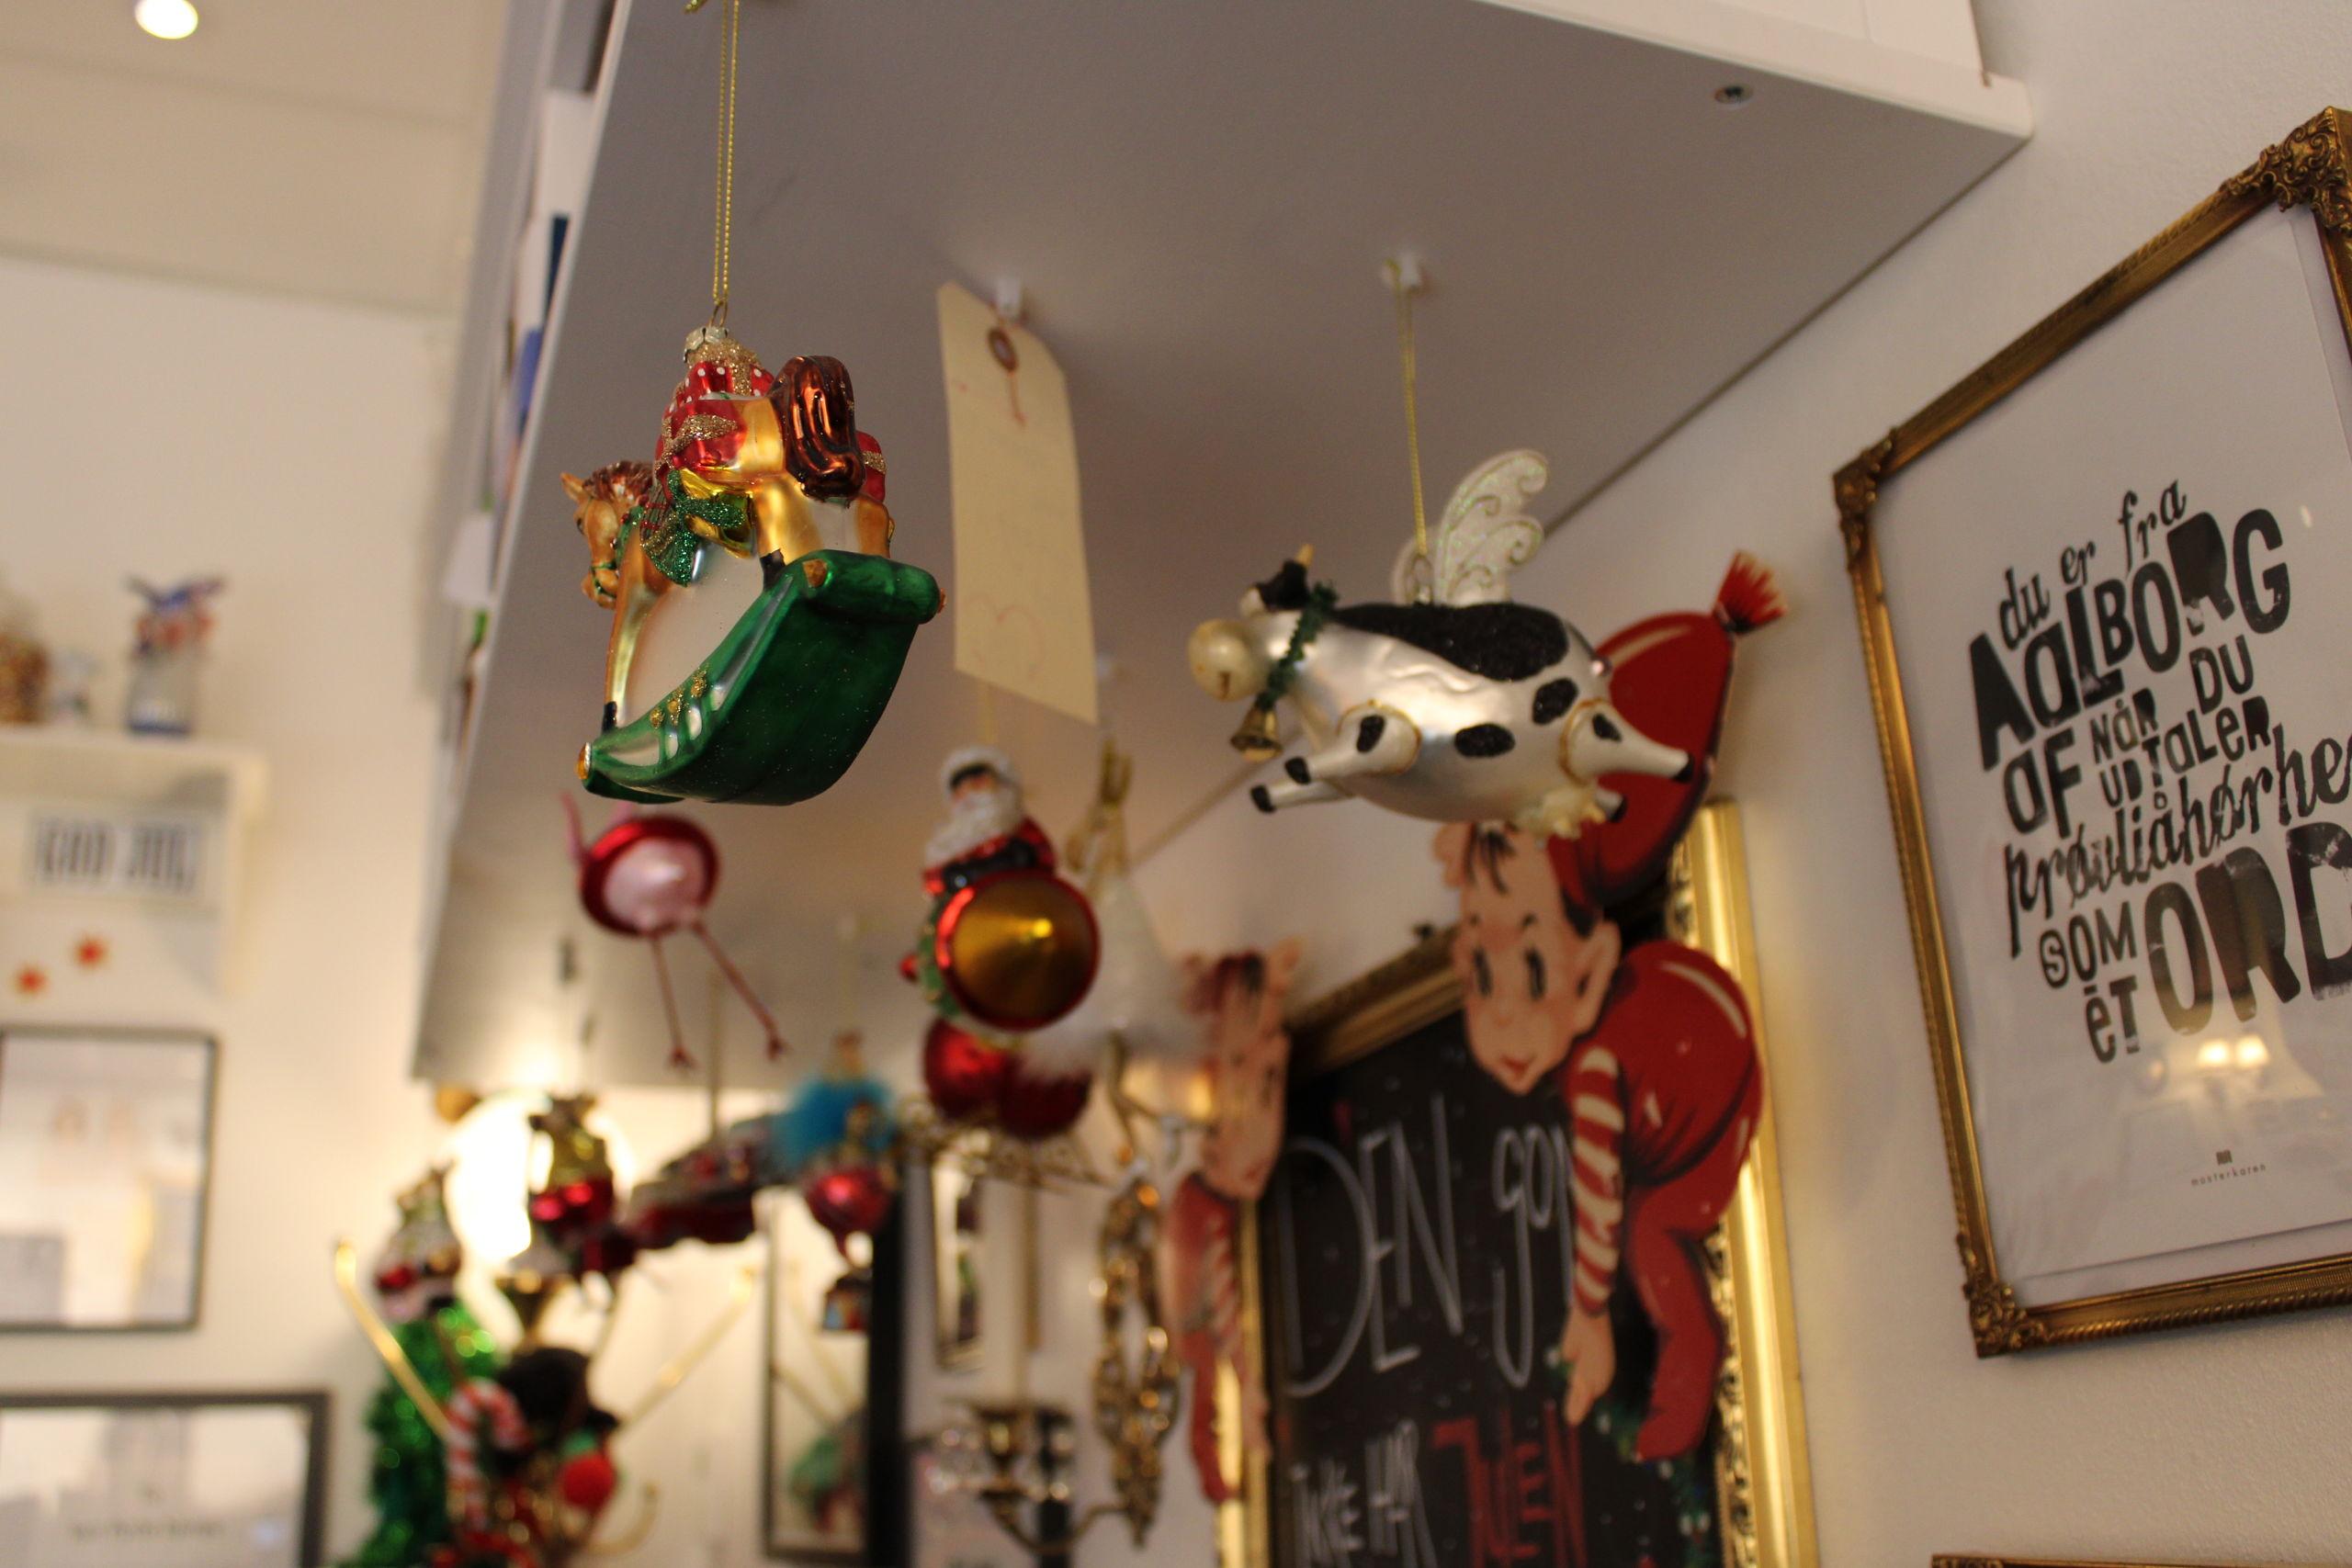 Søstrene i Guf og Kugler har været på jagt efter sjovt julepynt. Foto: Pauline Vink.